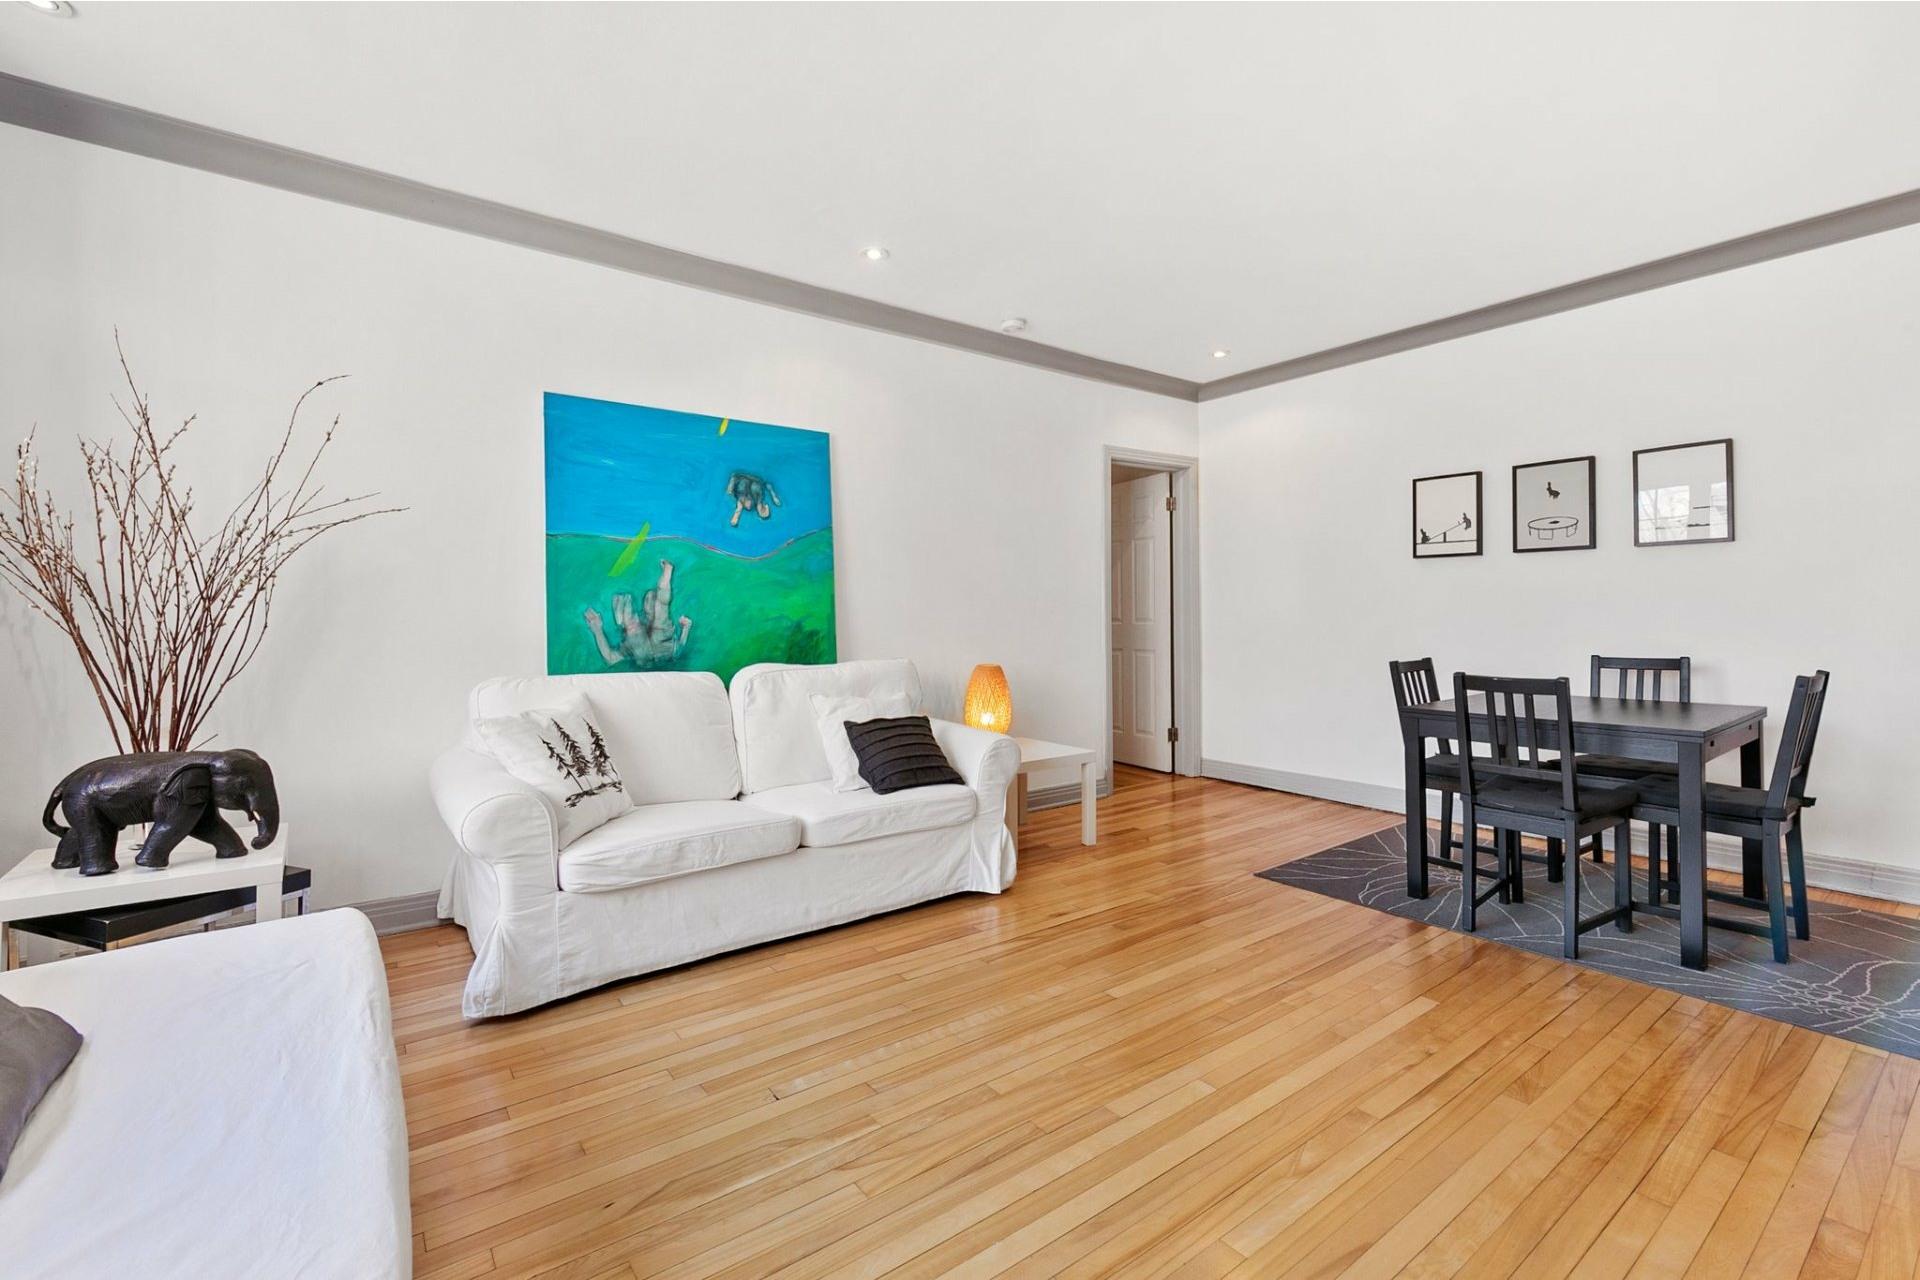 image 13 - Apartment For sale Côte-des-Neiges/Notre-Dame-de-Grâce Montréal  - 5 rooms